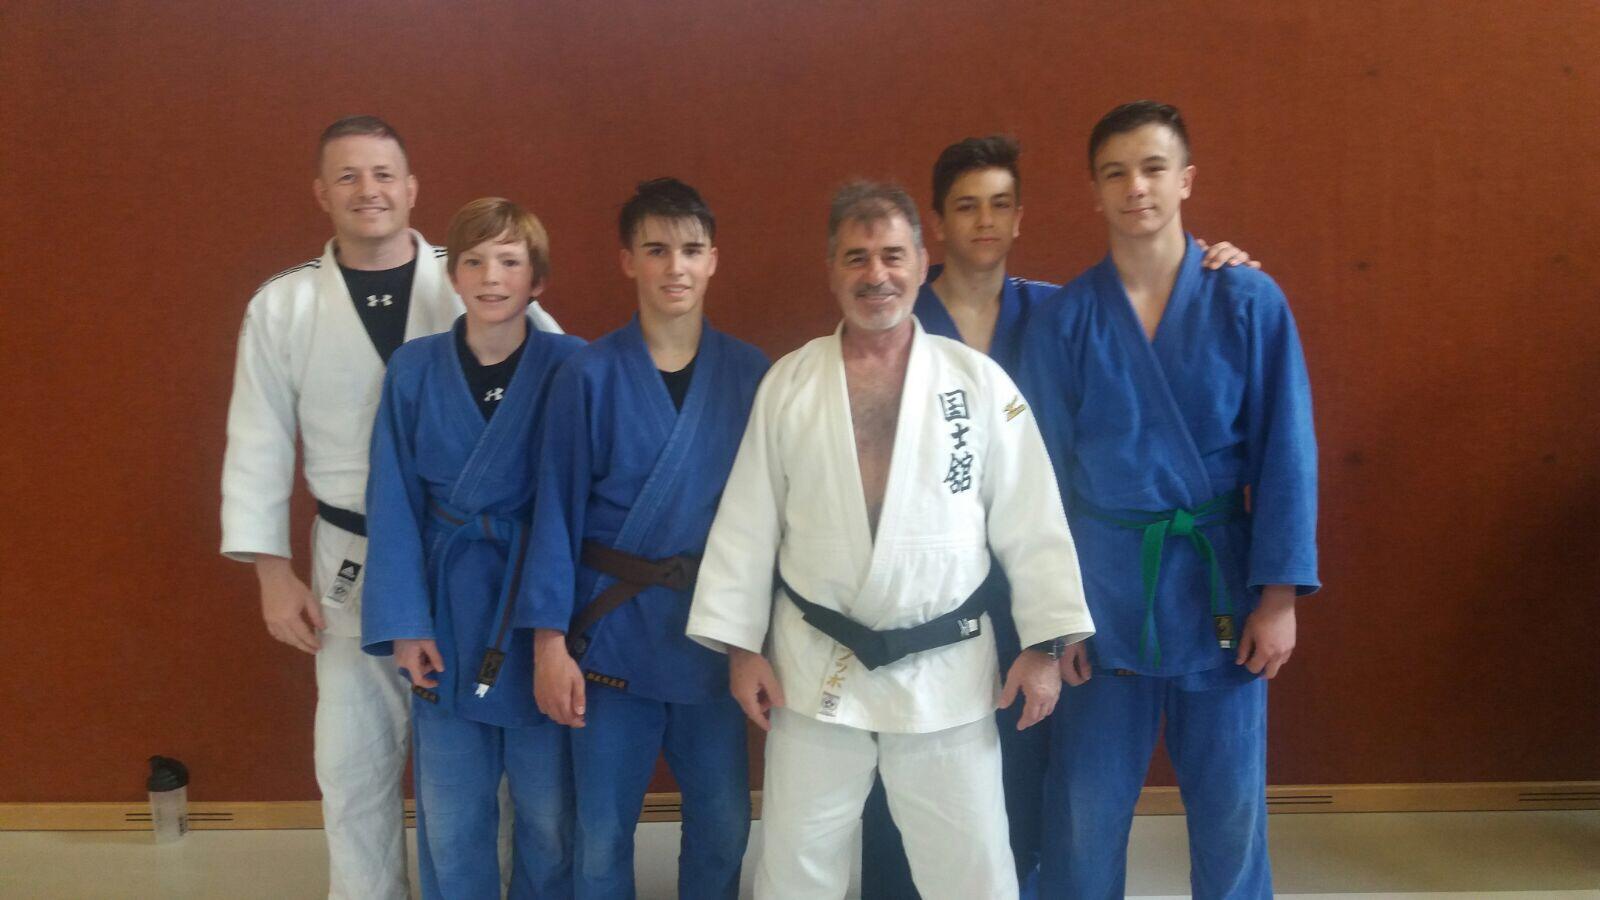 Unsere engagierten Judoka mit Trainer T. Puntigam und H. Rohrauer